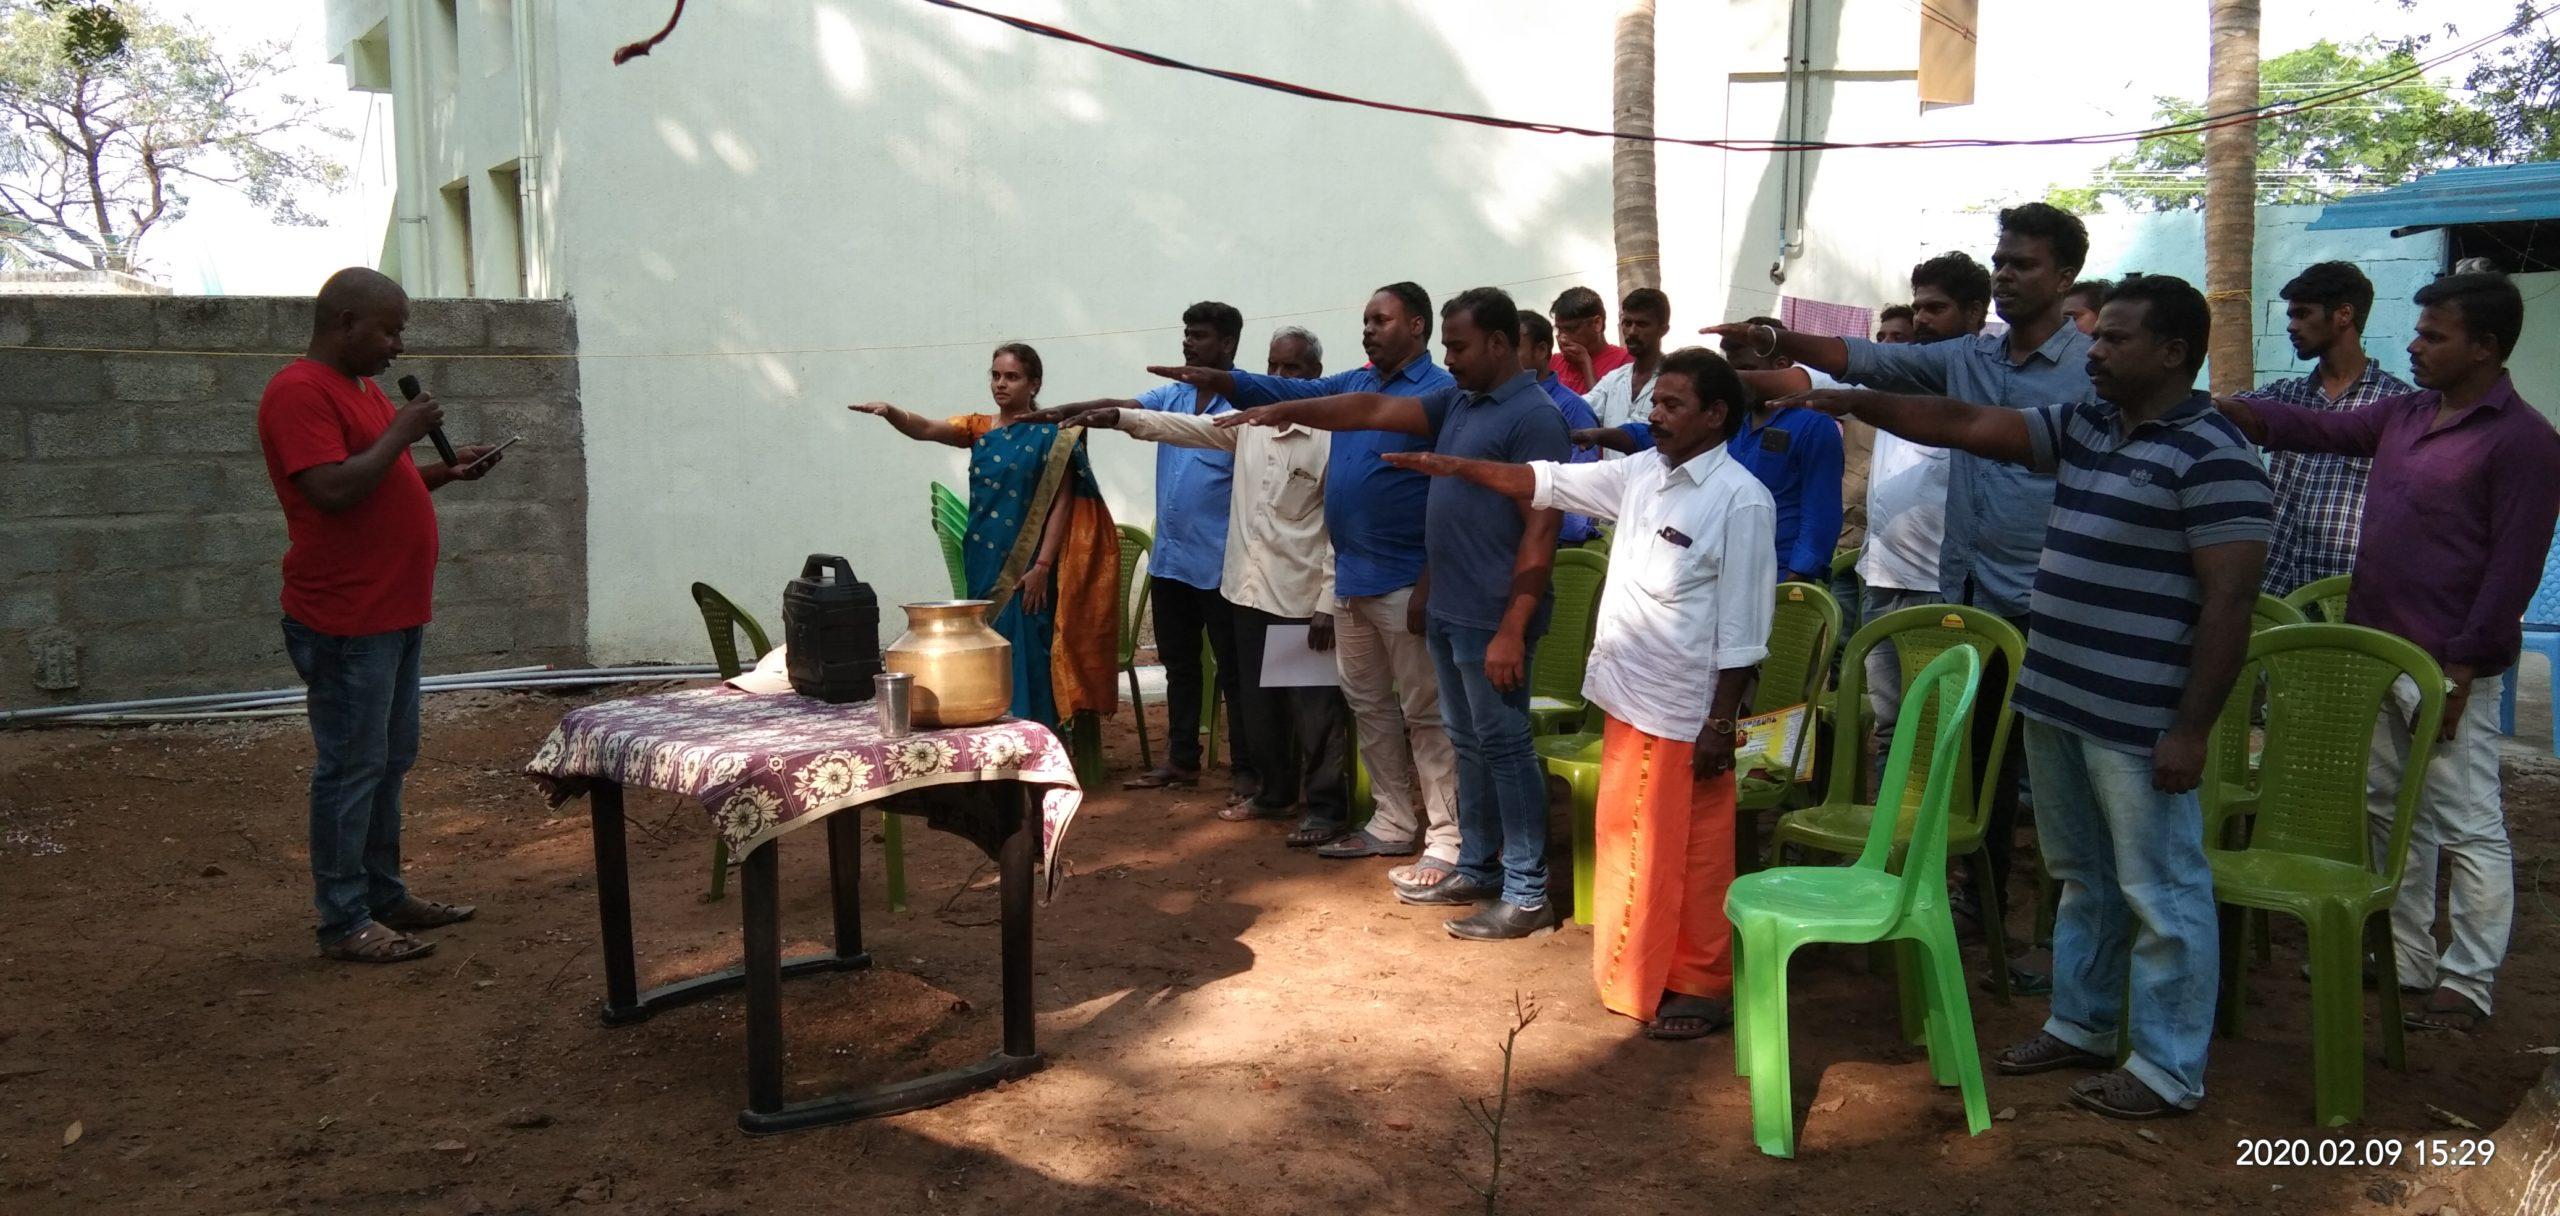 கலந்தாய்வு கூட்டம்-திருப்போரூர் தொகுதி